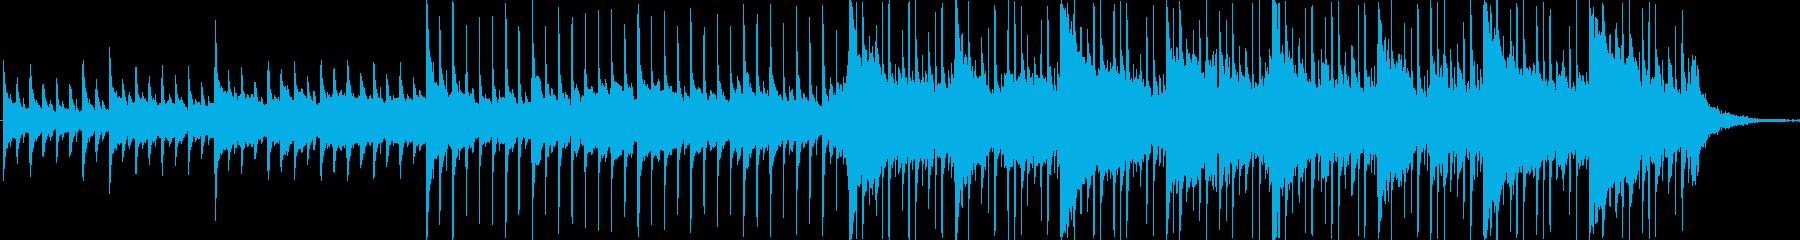 ピアノ、ストリングス、エレキギター...の再生済みの波形